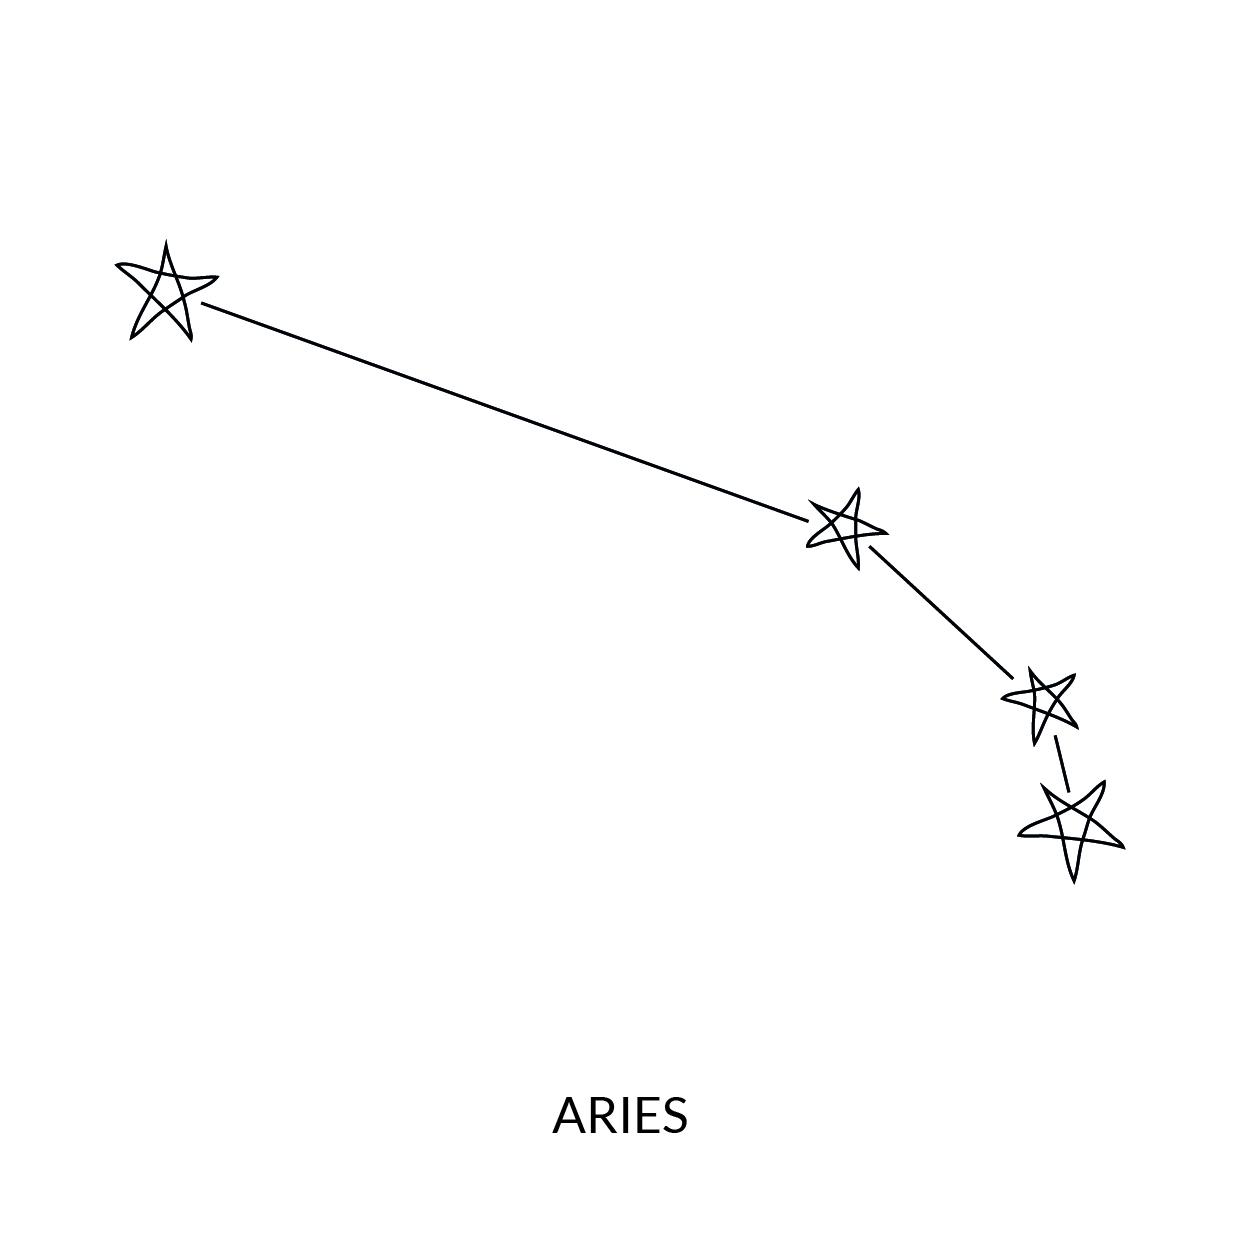 ARIES-01.jpg